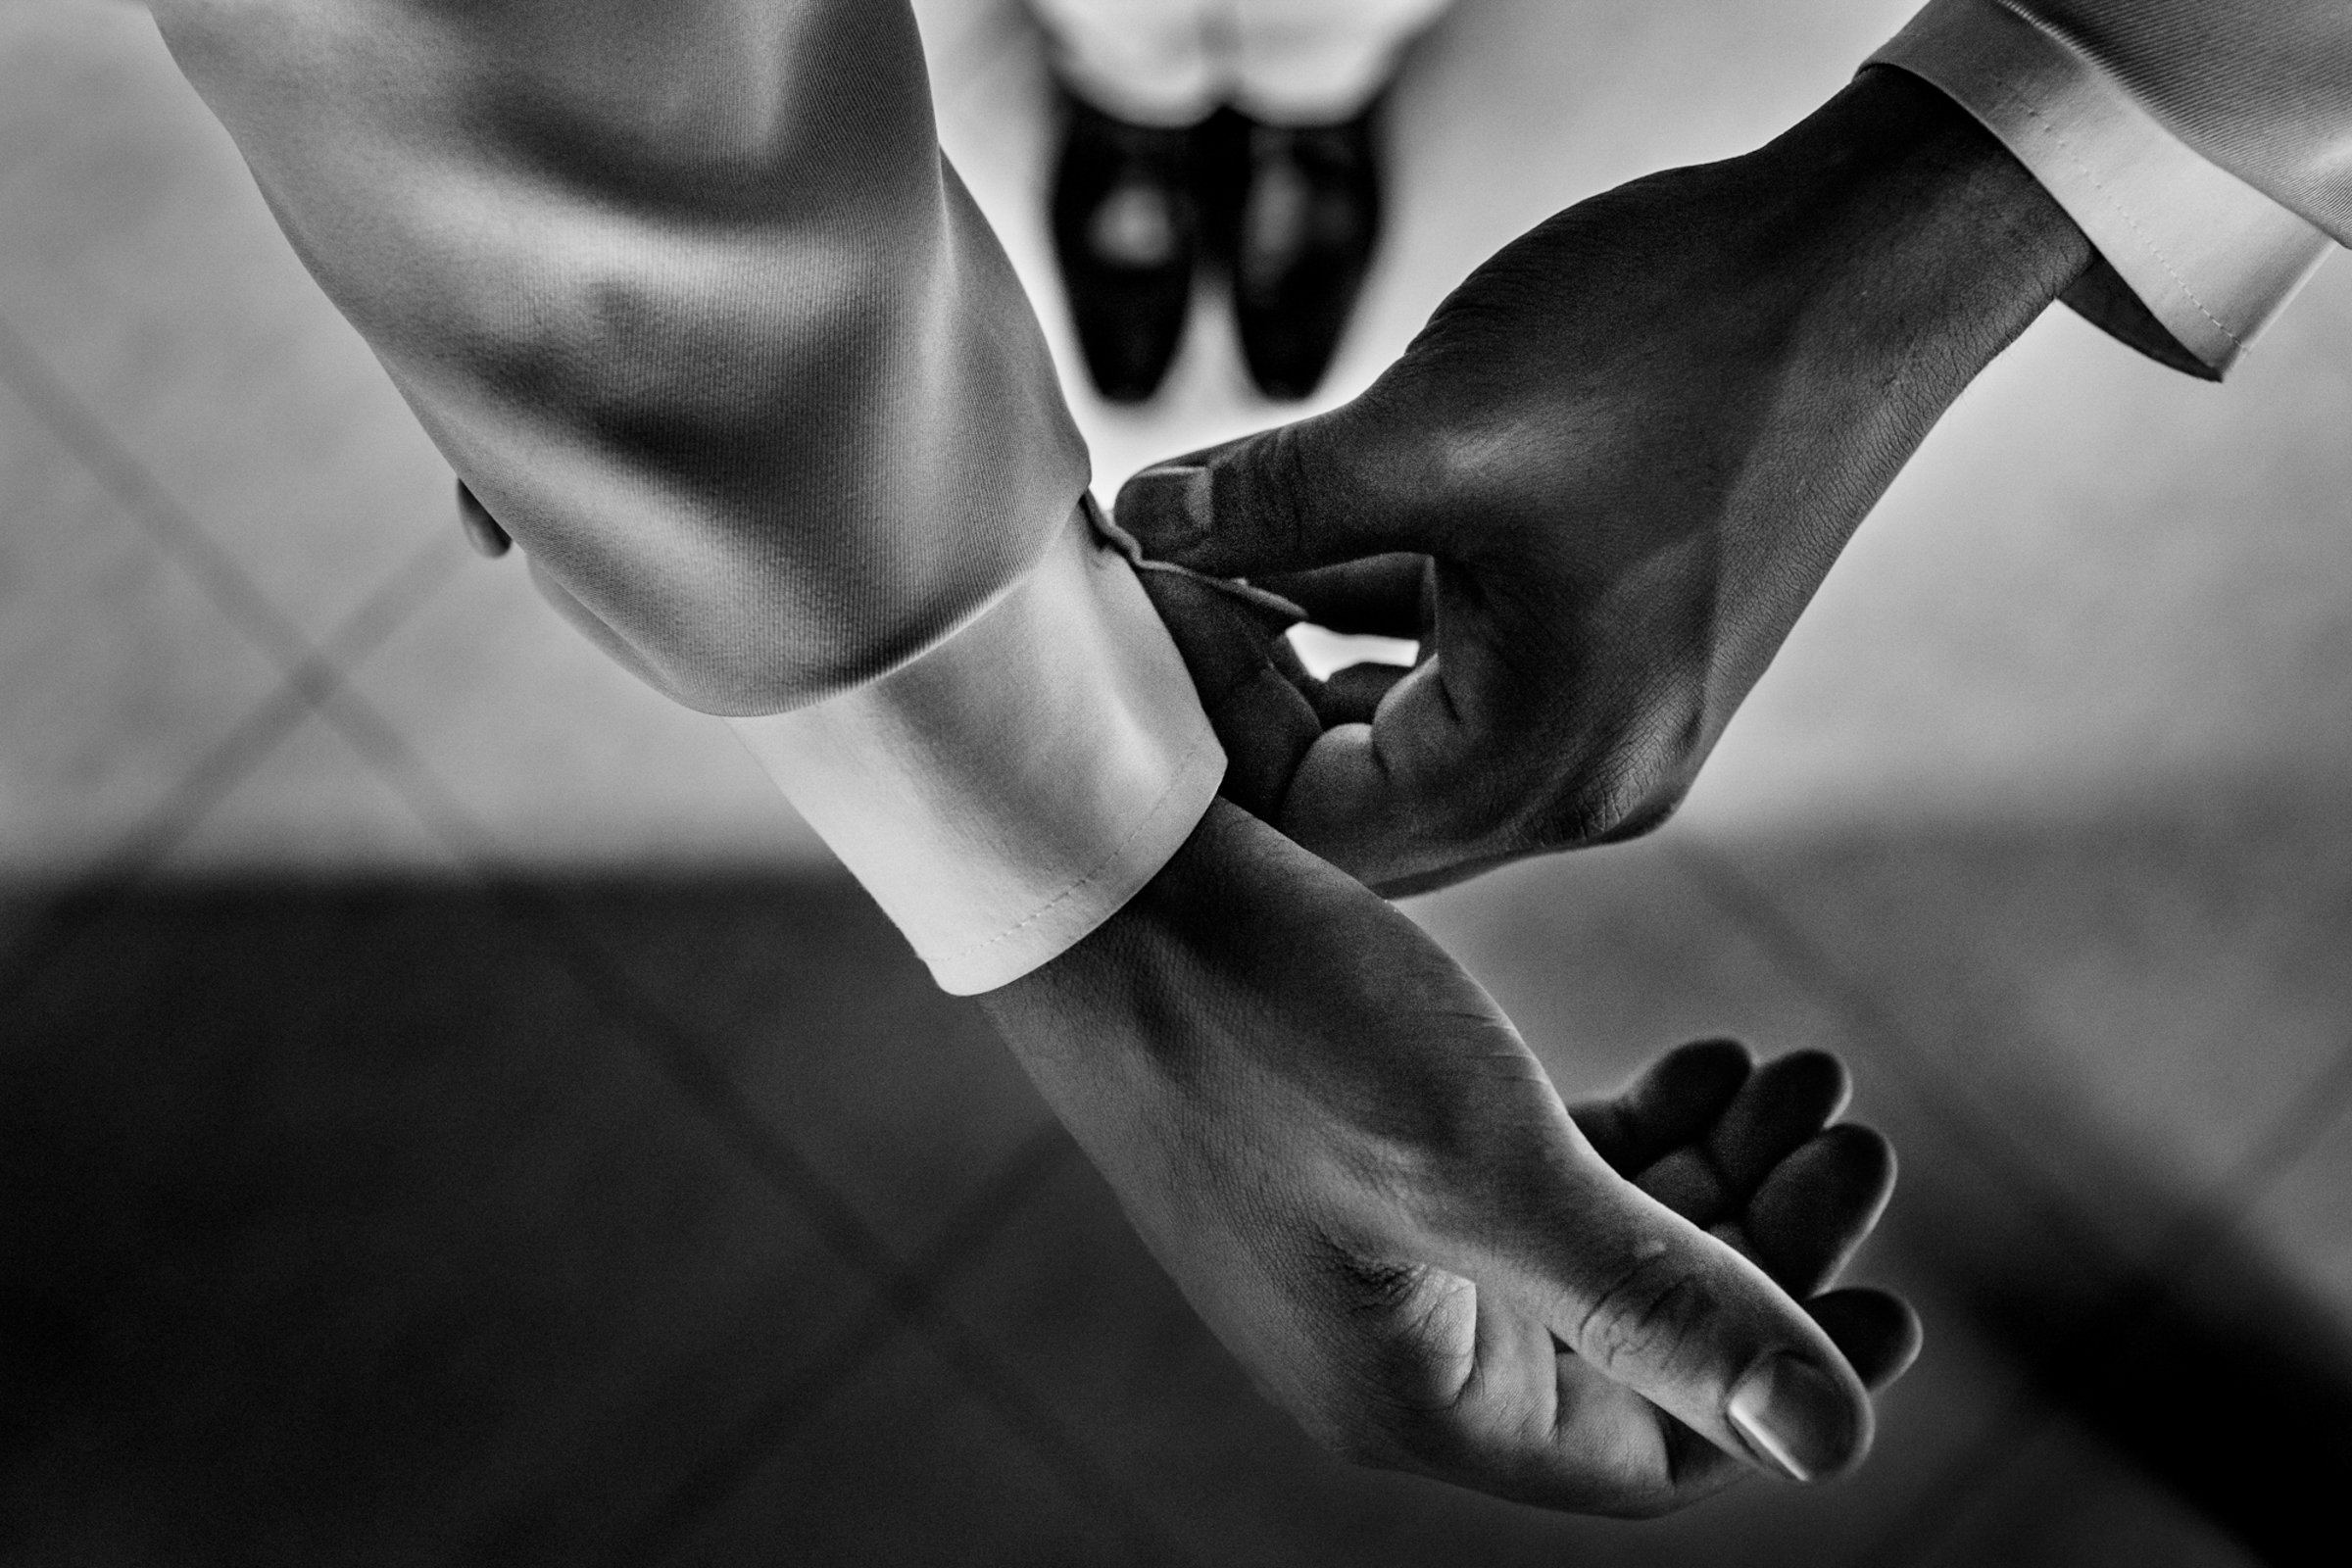 Cuffs just right - photo by Área da Fotografia